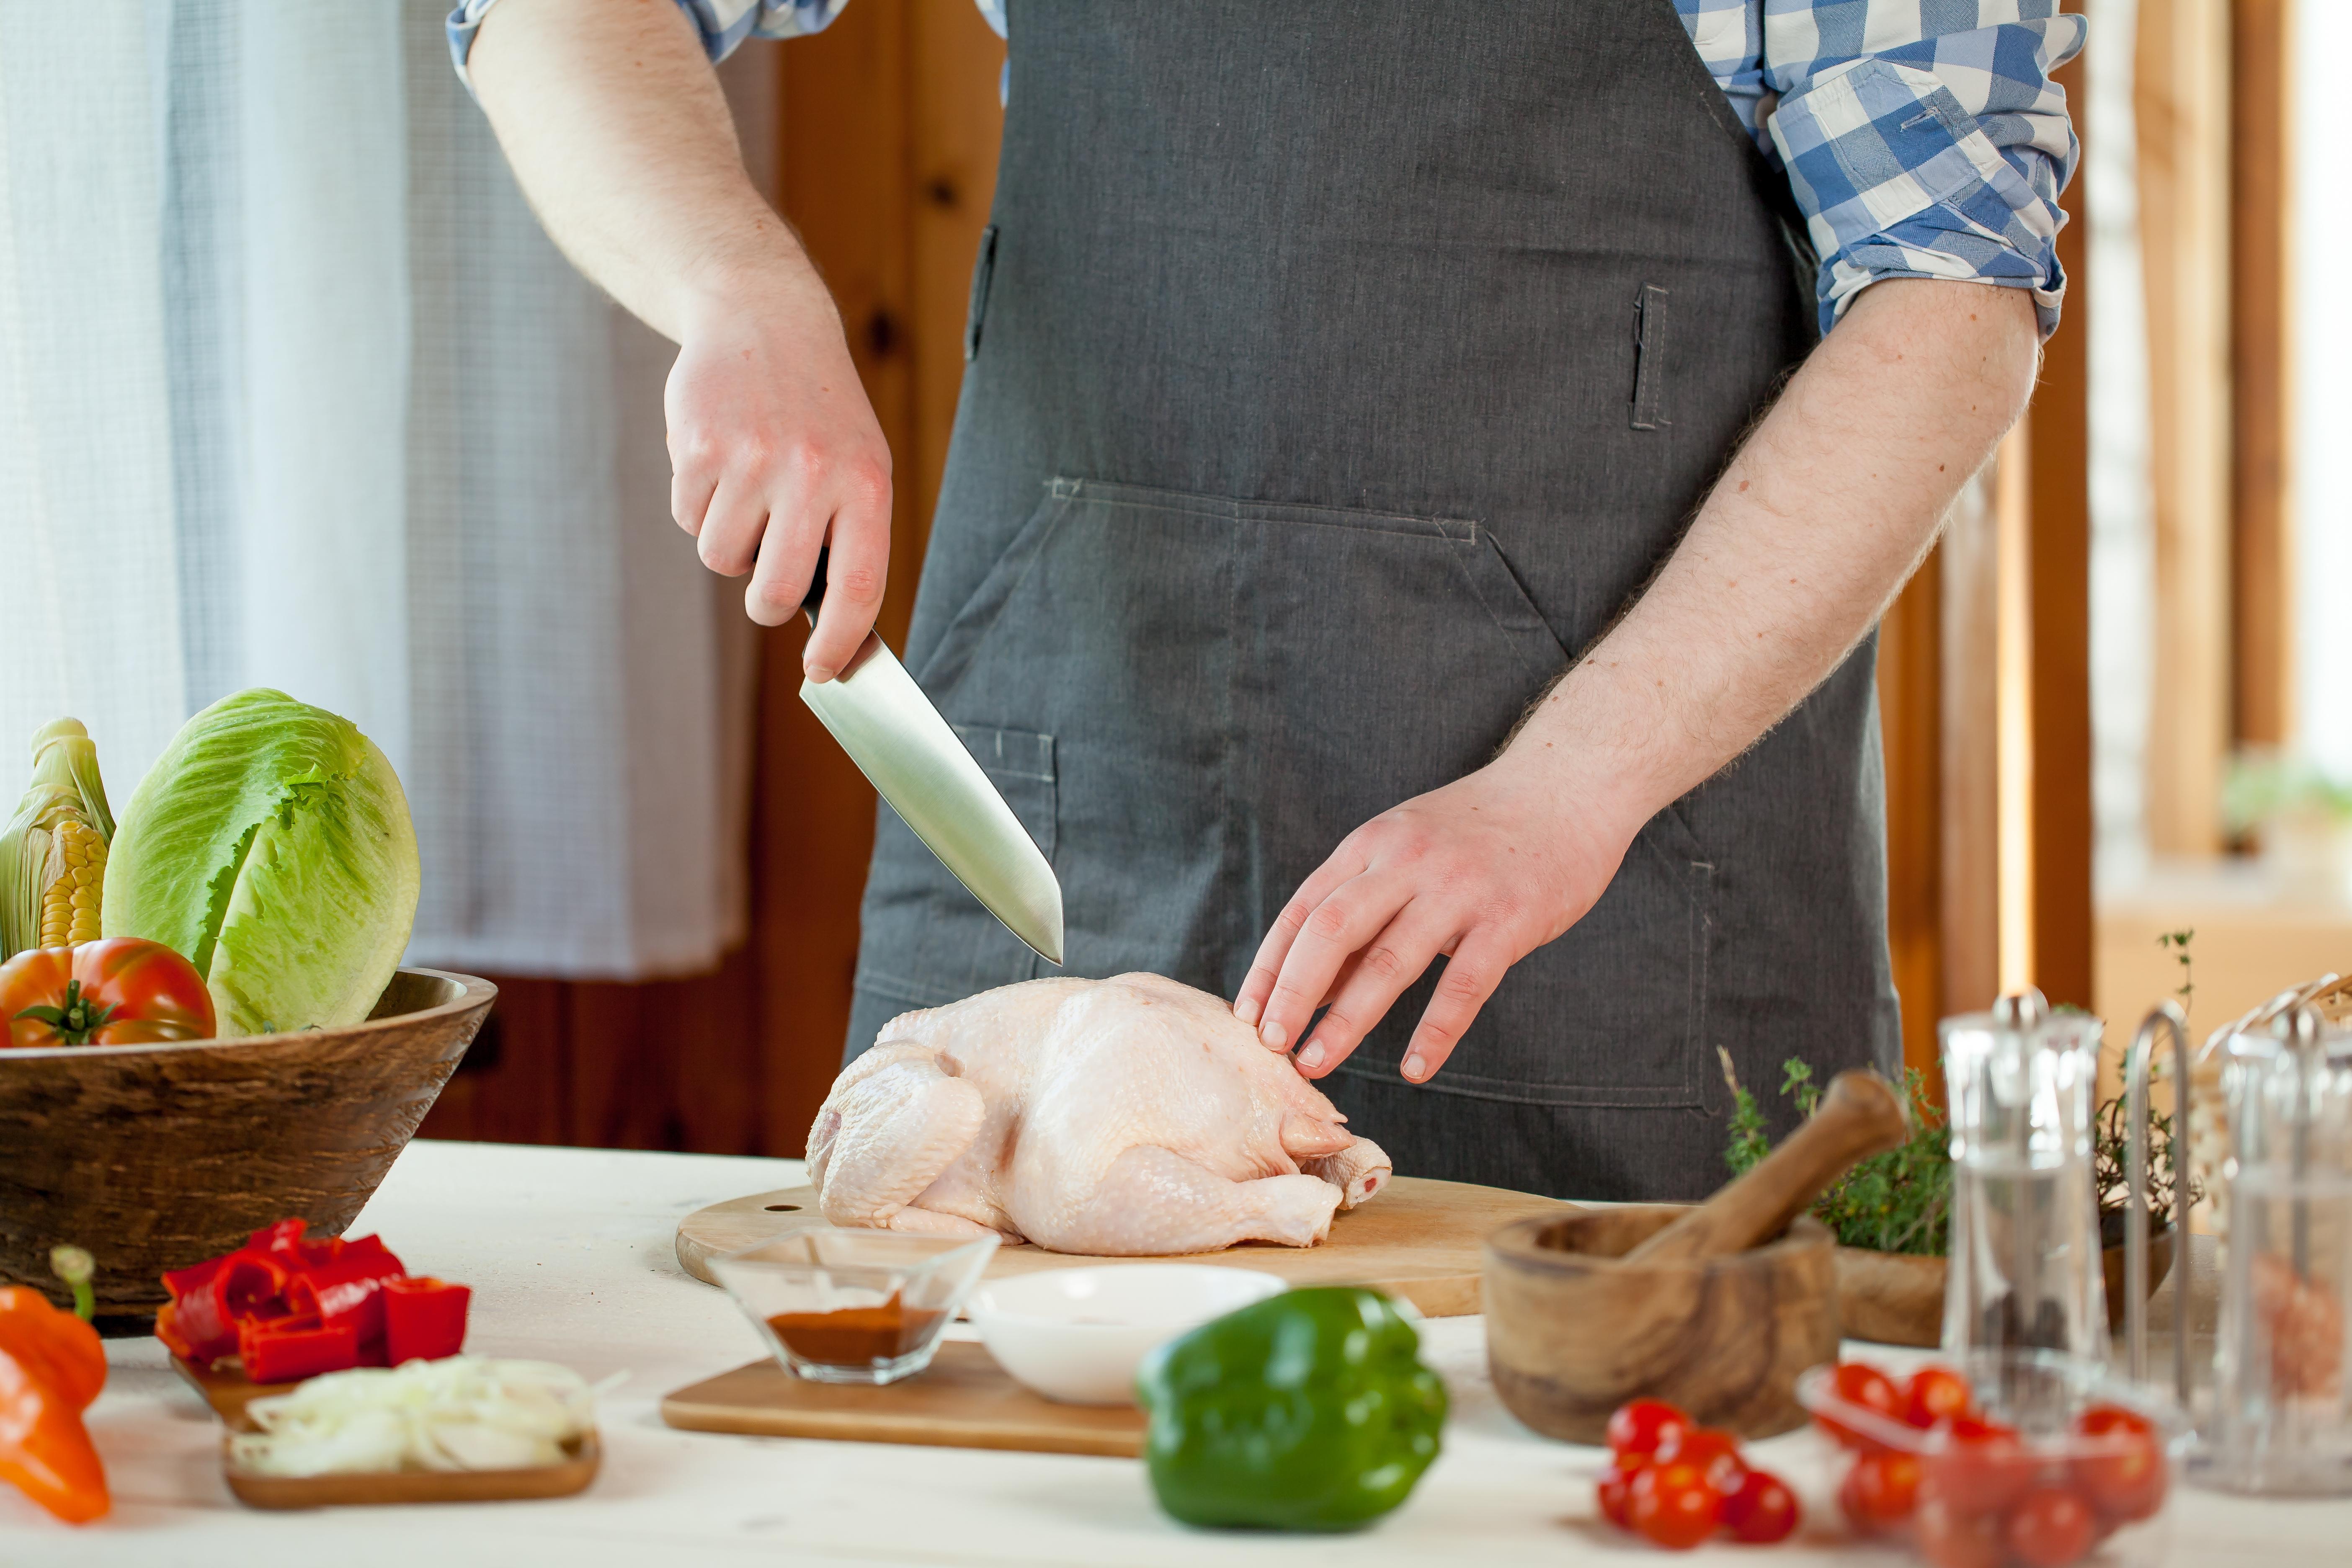 Matförgiftning uppkommer på grund av bristande hantering av livsmedel, varav kyckling är särskilt viktigt att man hanterar rätt.